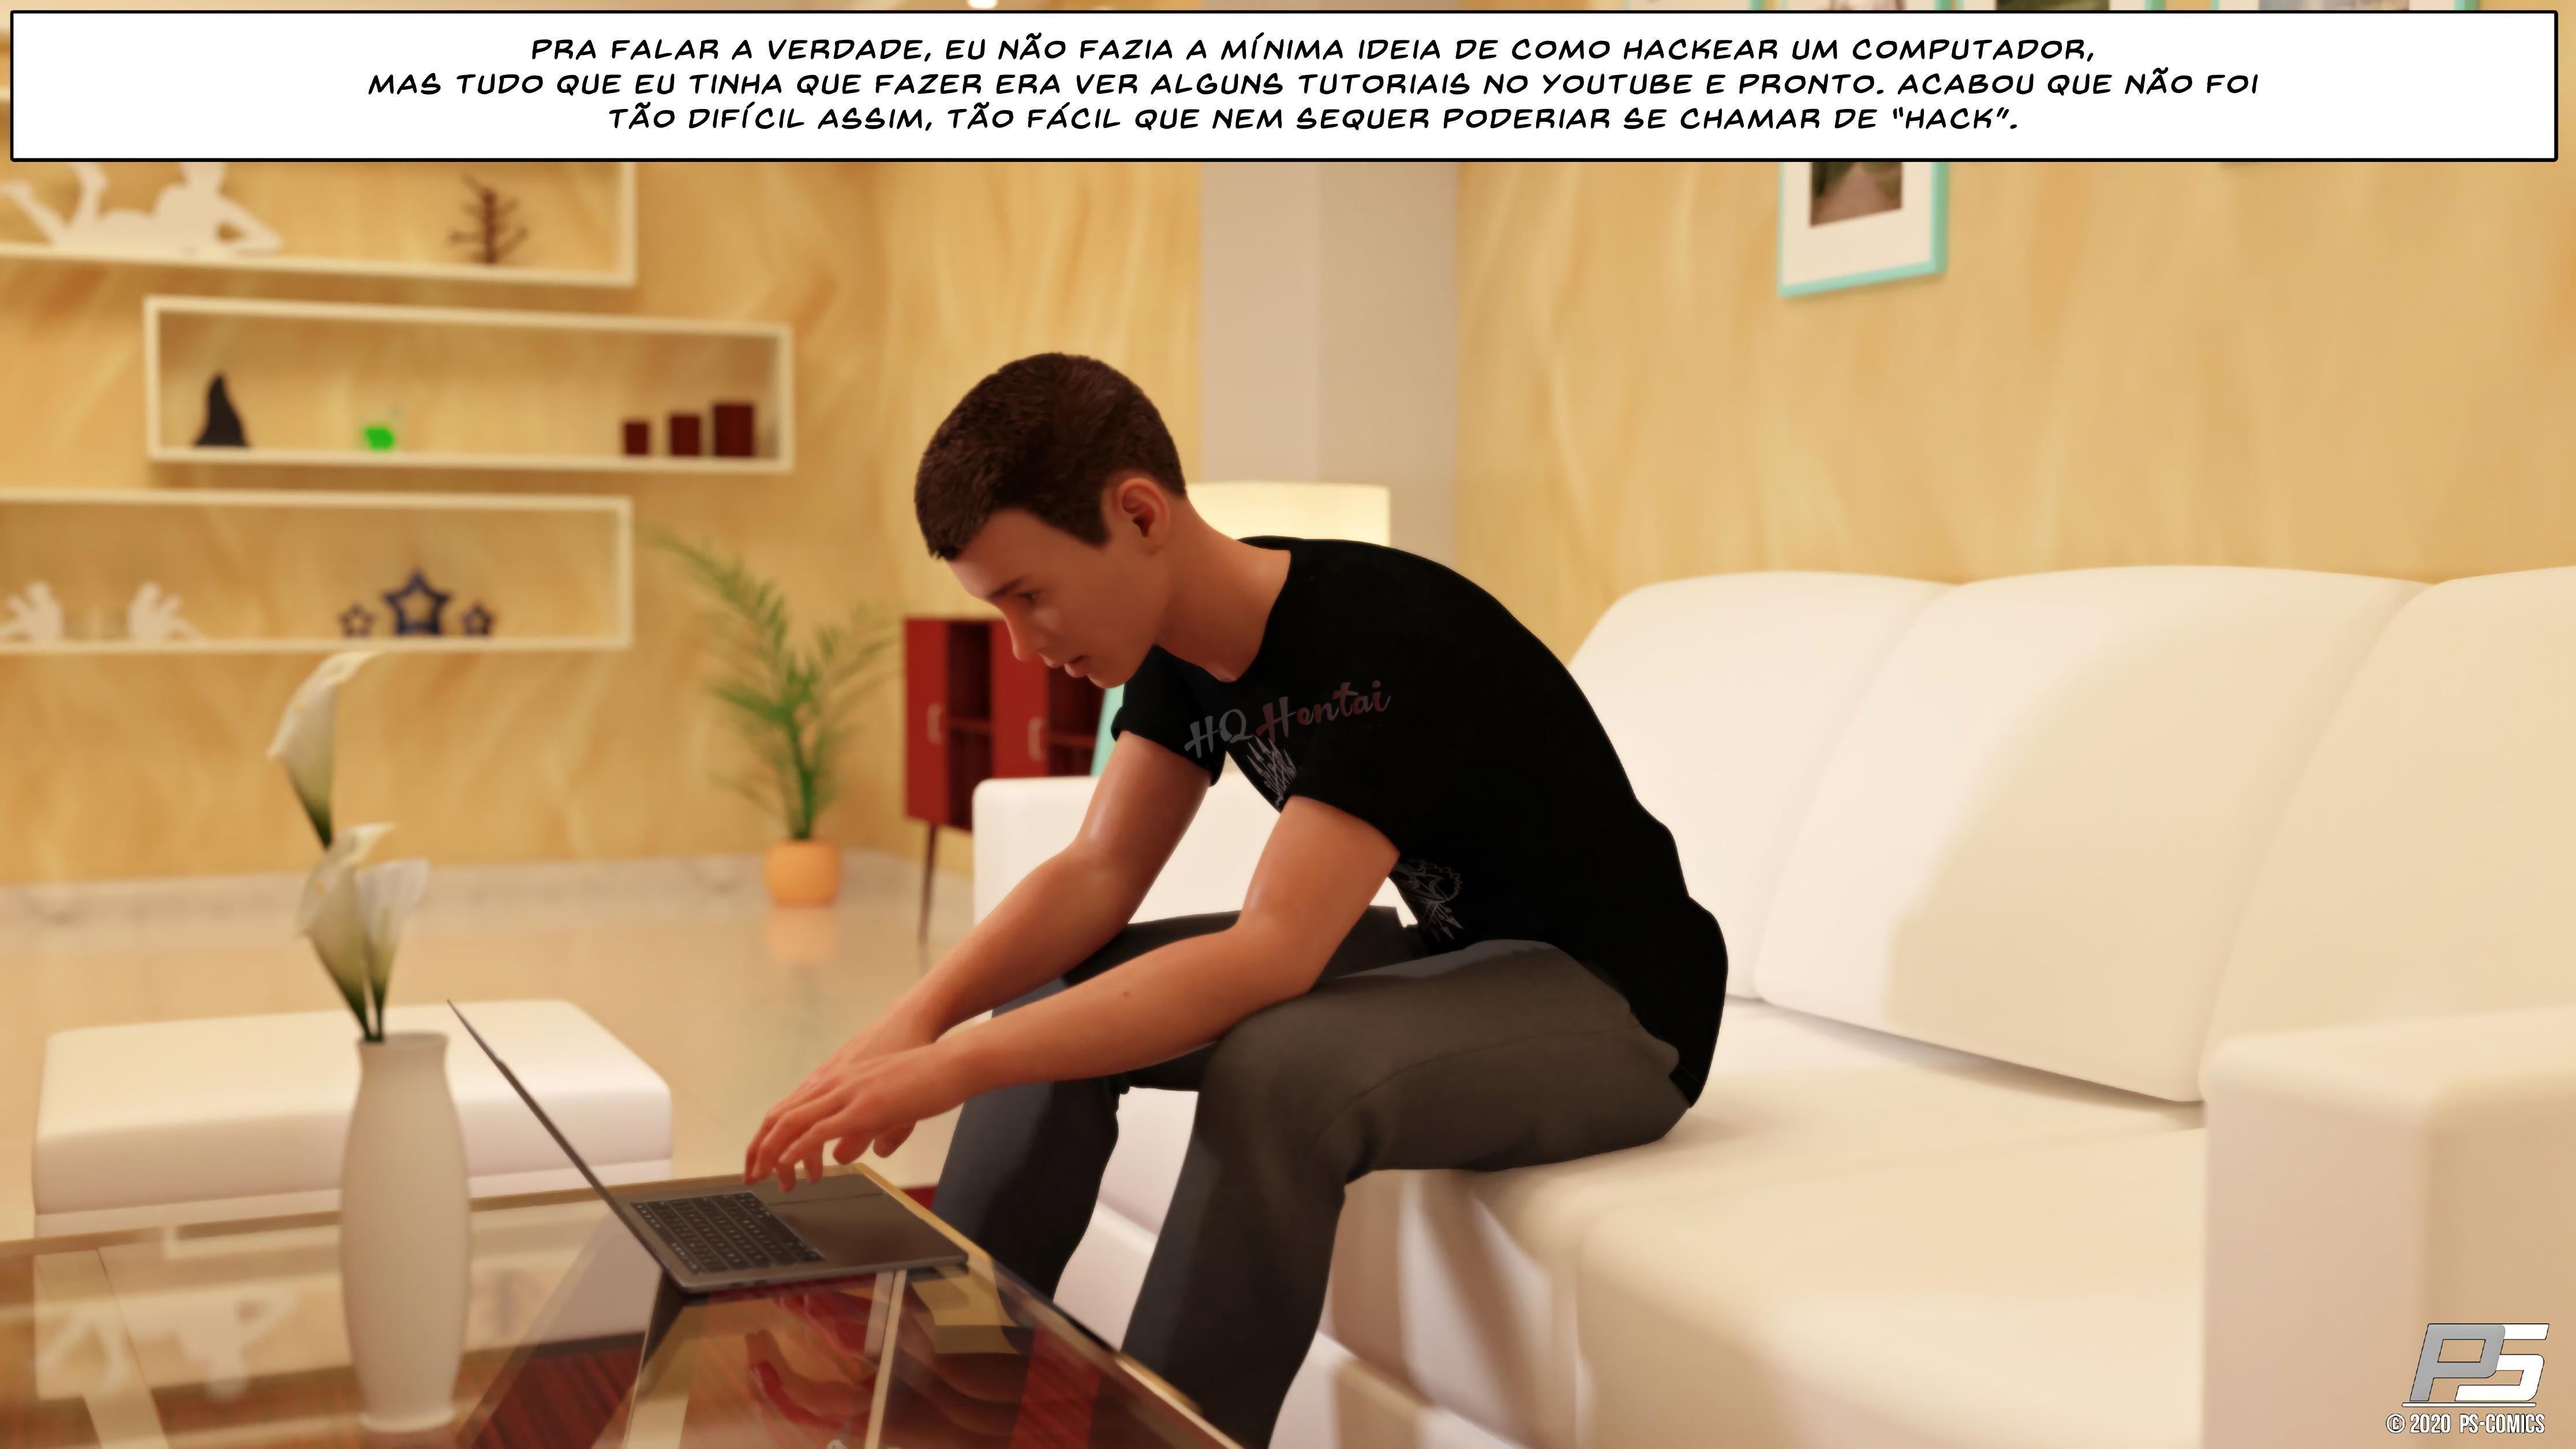 pagina_40 Use o navegador Google Chrome para leitura. Tudo mais RÁPIDO!!!!